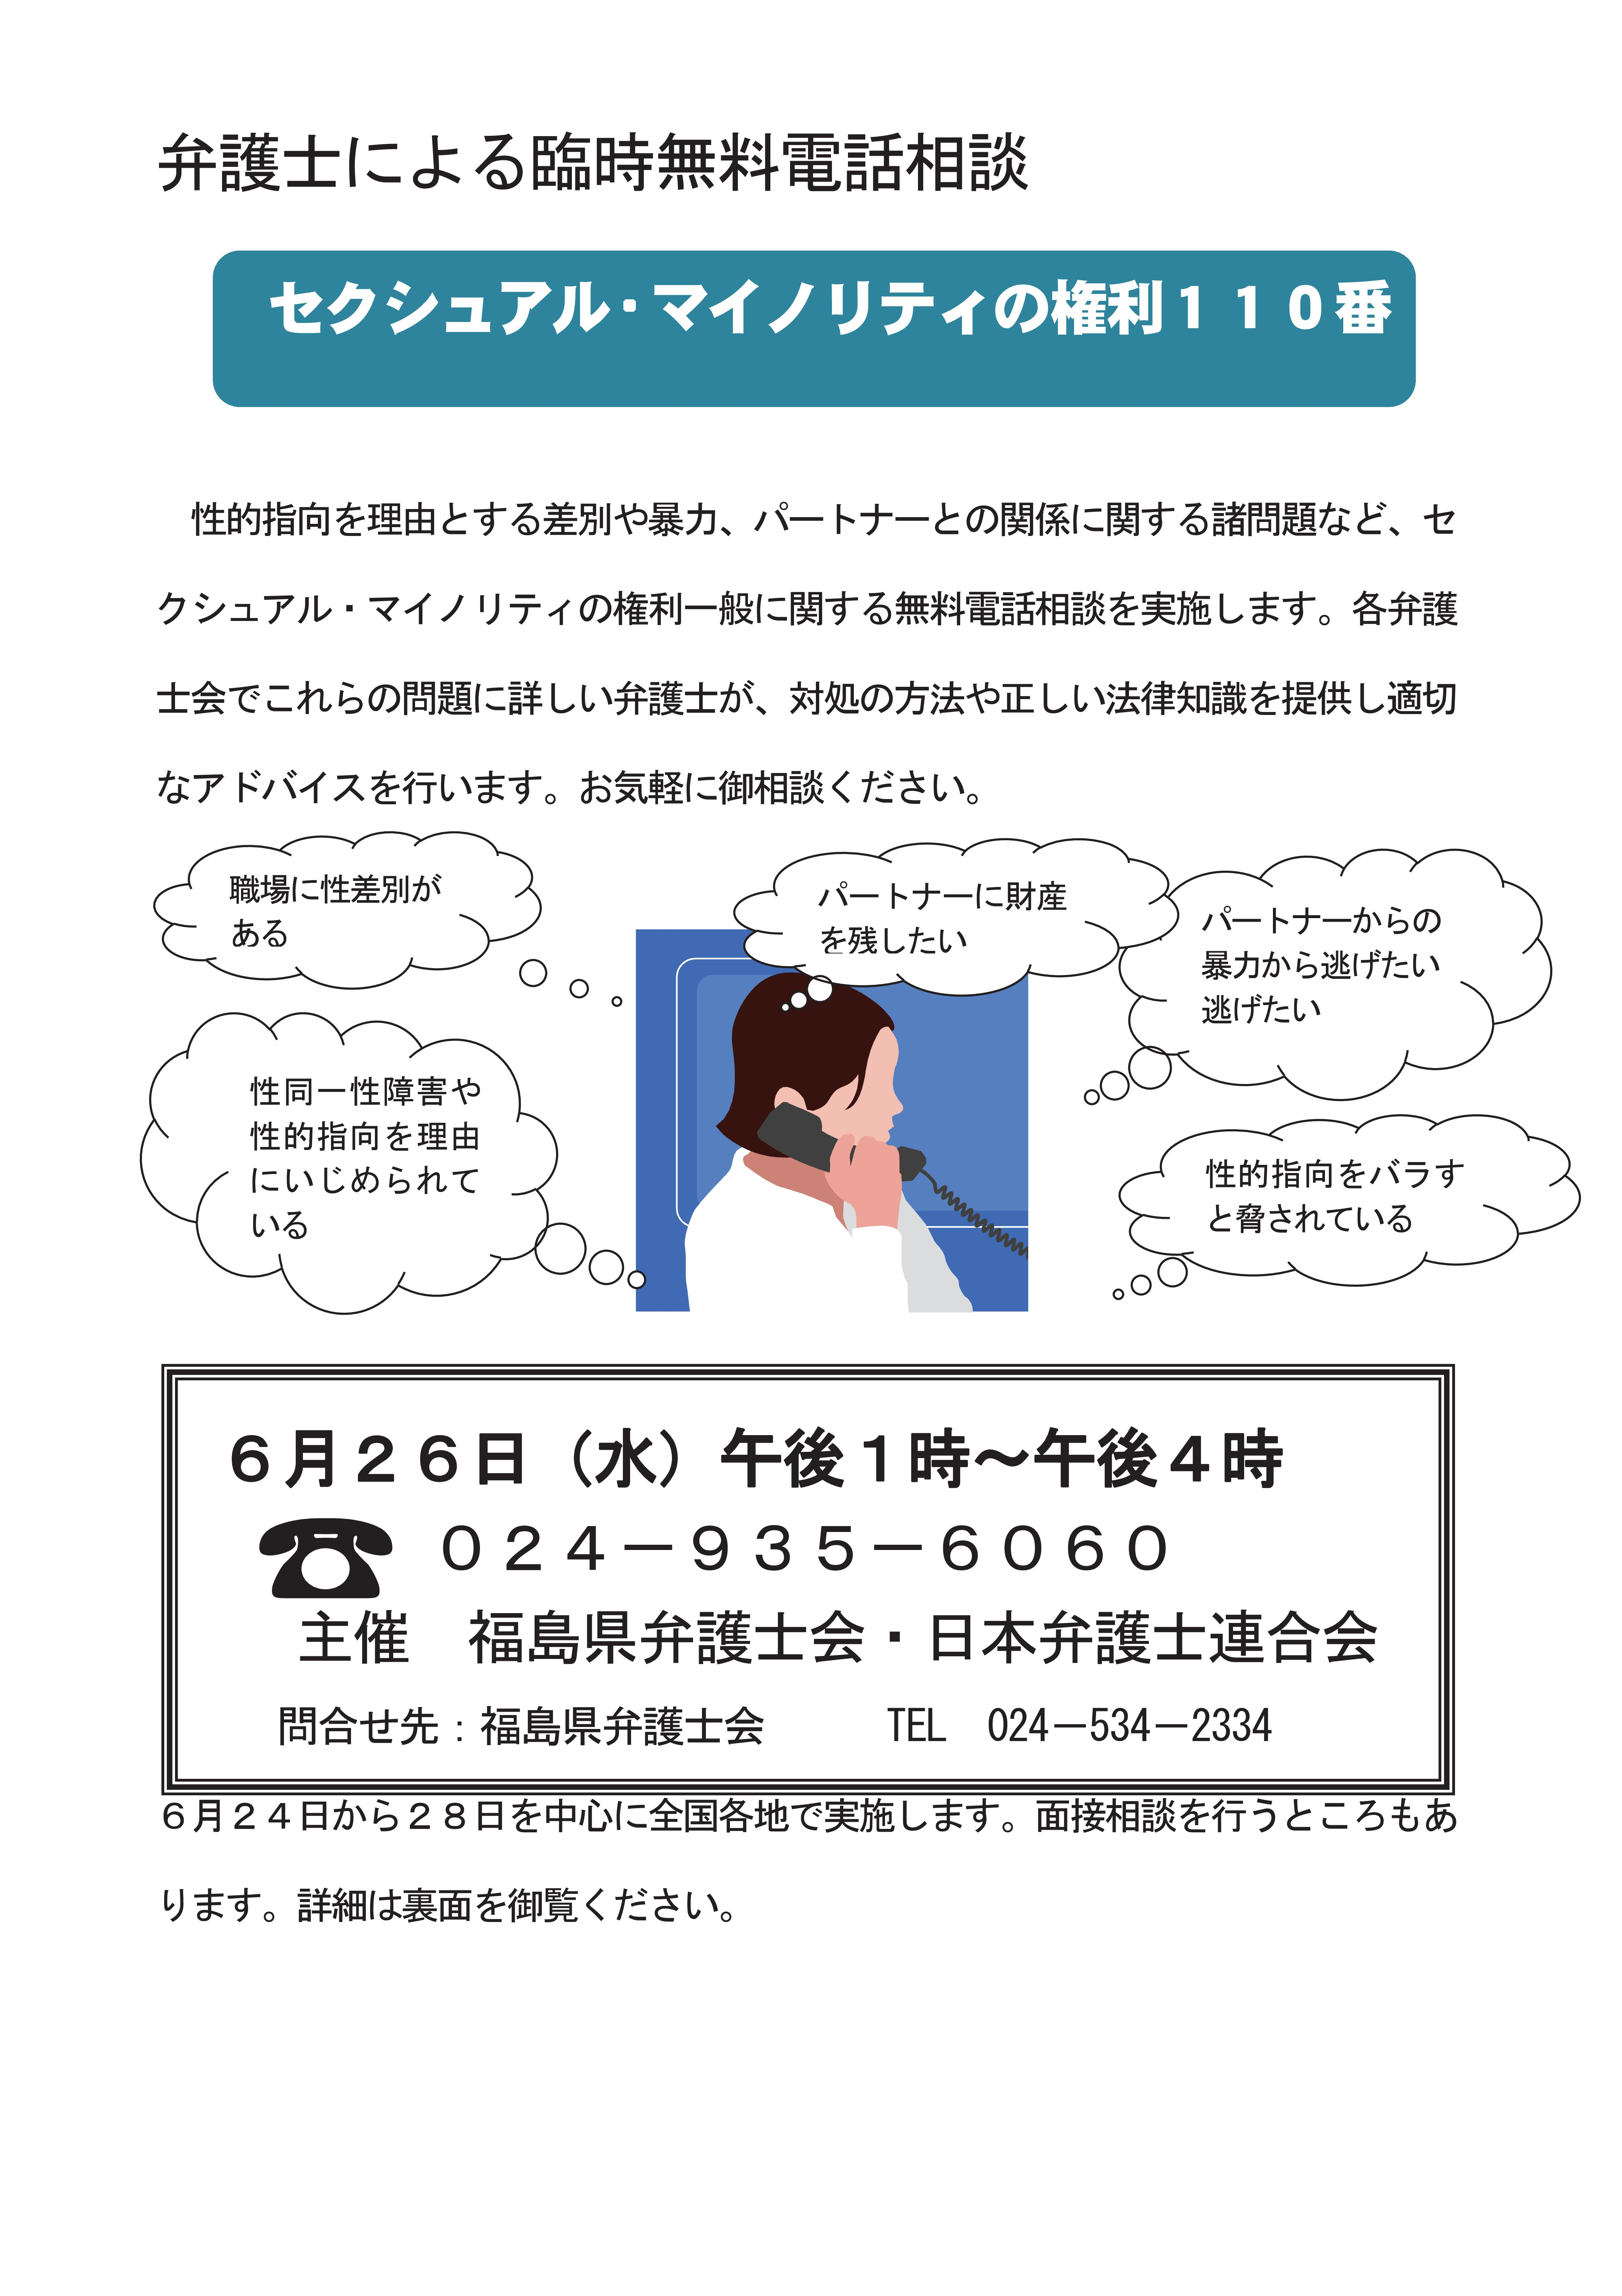 セクシャルマイノリティの権利110番(オモテ)